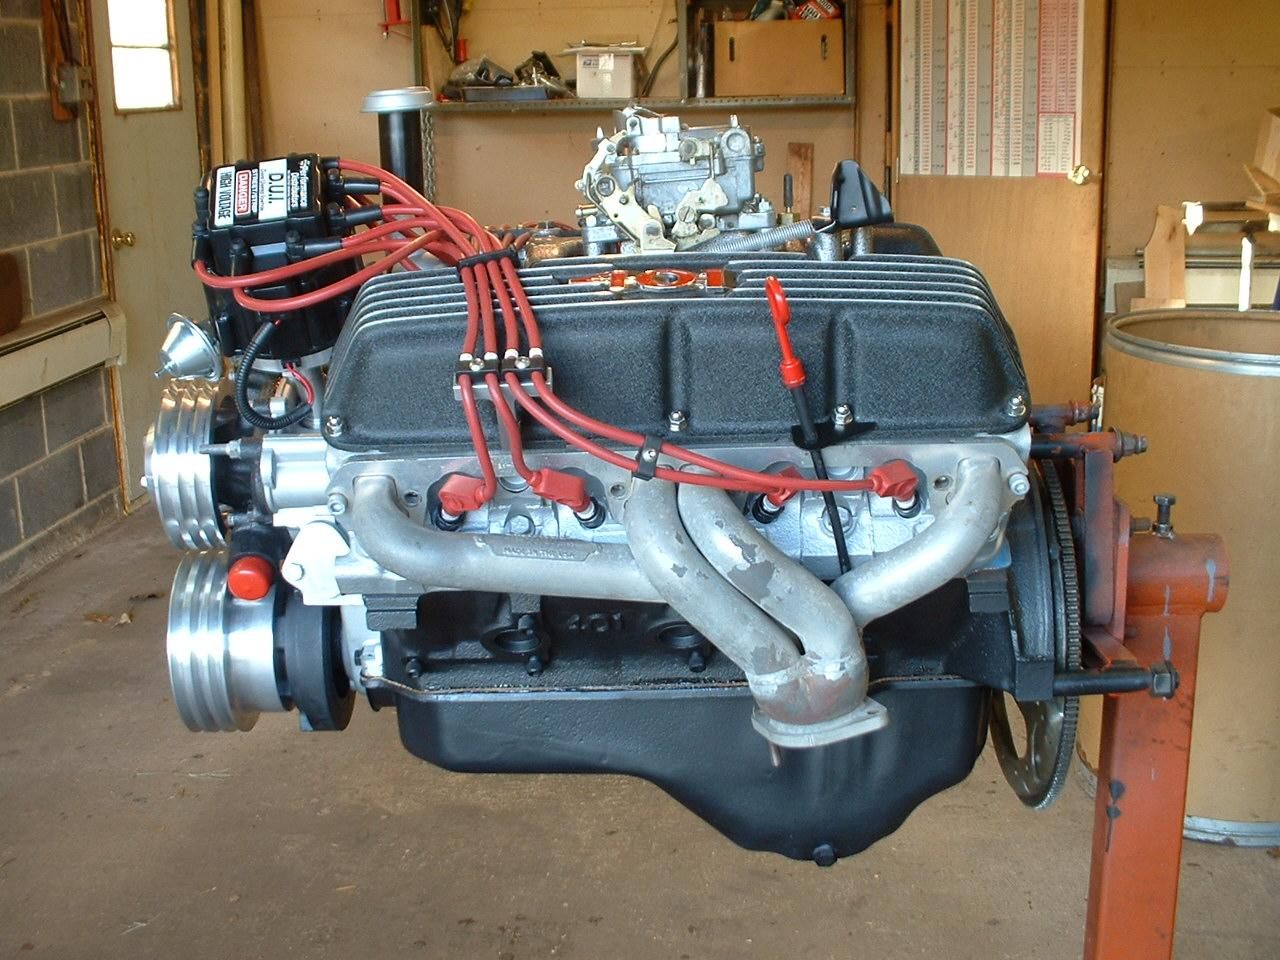 amc 401 build for my 77 cj7 - Page 2 - JeepForum com